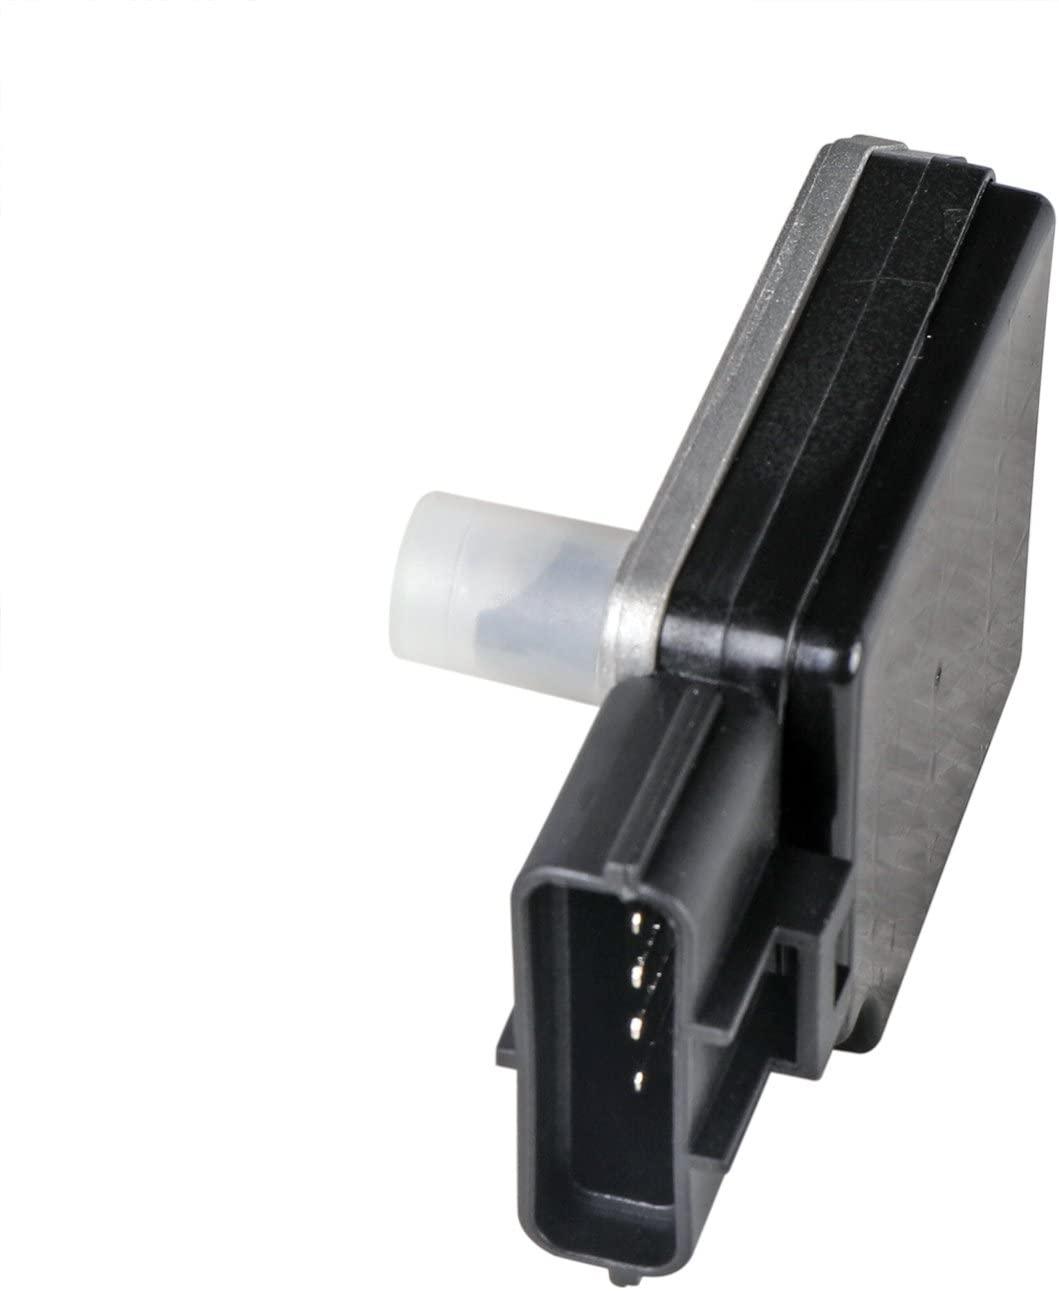 Bodeman - MAF Mass Air Flow Sensor Assembly for 1997-2000 Ford E-150 E250 E350 E450 Econoline Club Wagon